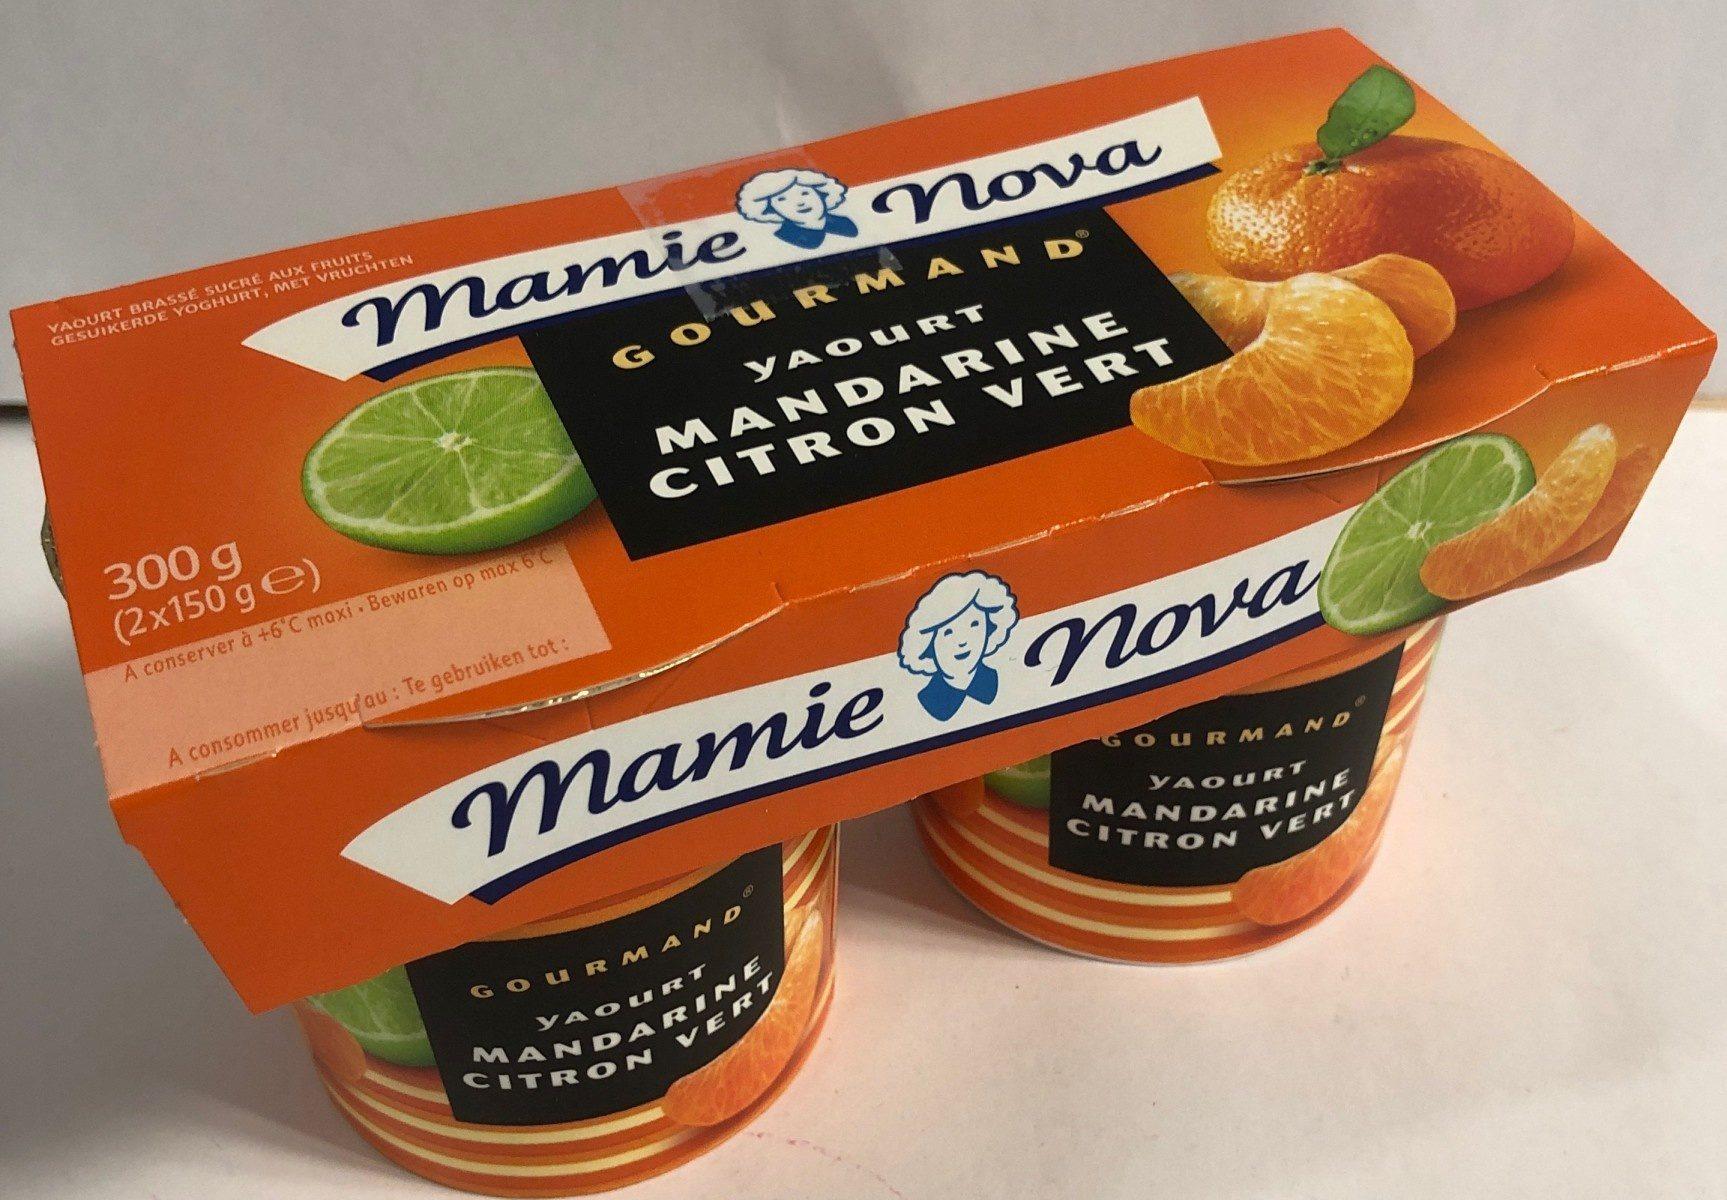 Gourmand Yaourt Mandarine Citron Vert - Product